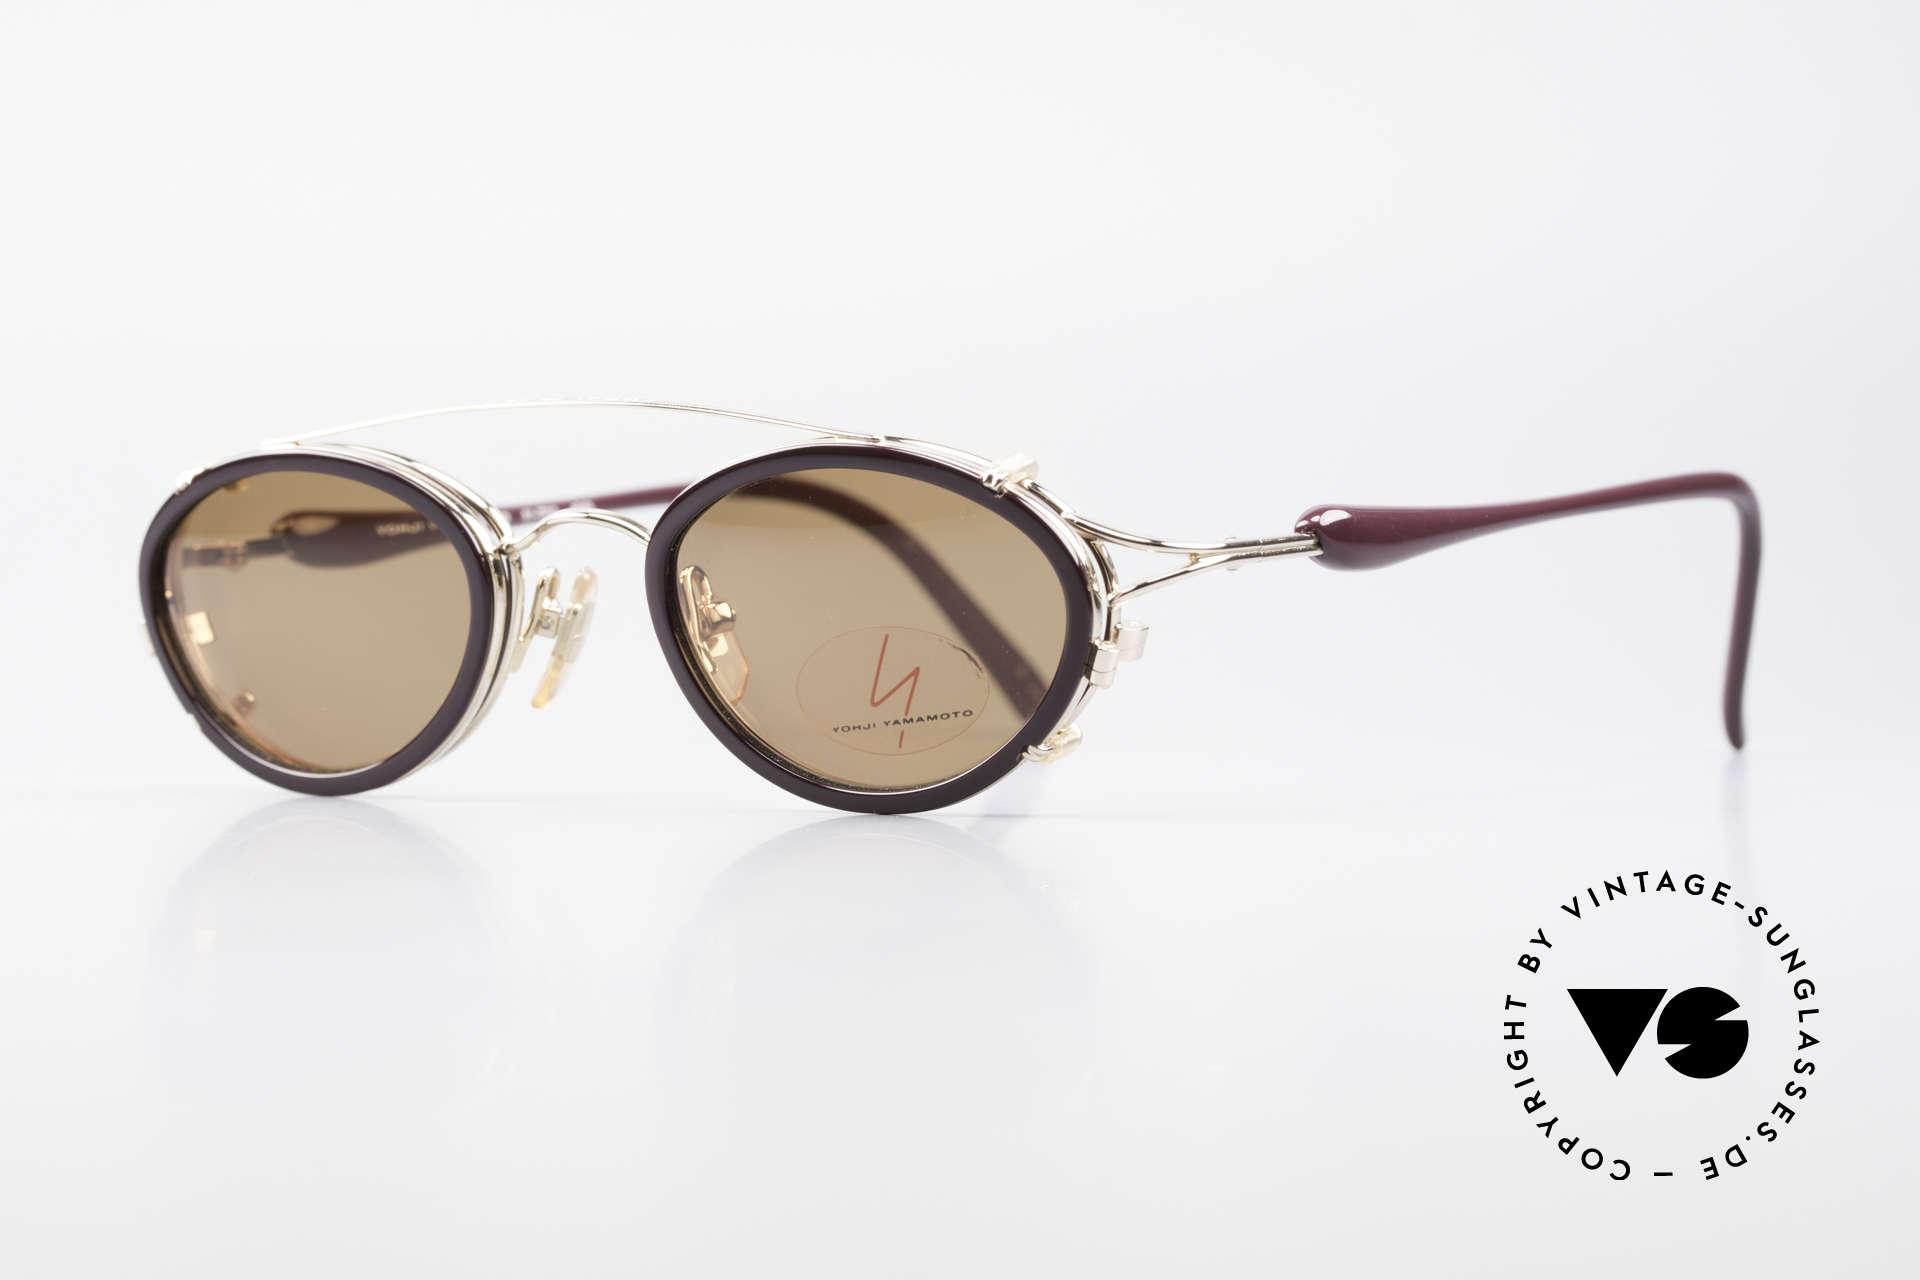 Yohji Yamamoto 51-7210 90er No Retro Clip-On Brille, herausragende Qualität, GP = VERGOLDETER Rahmen, Passend für Herren und Damen